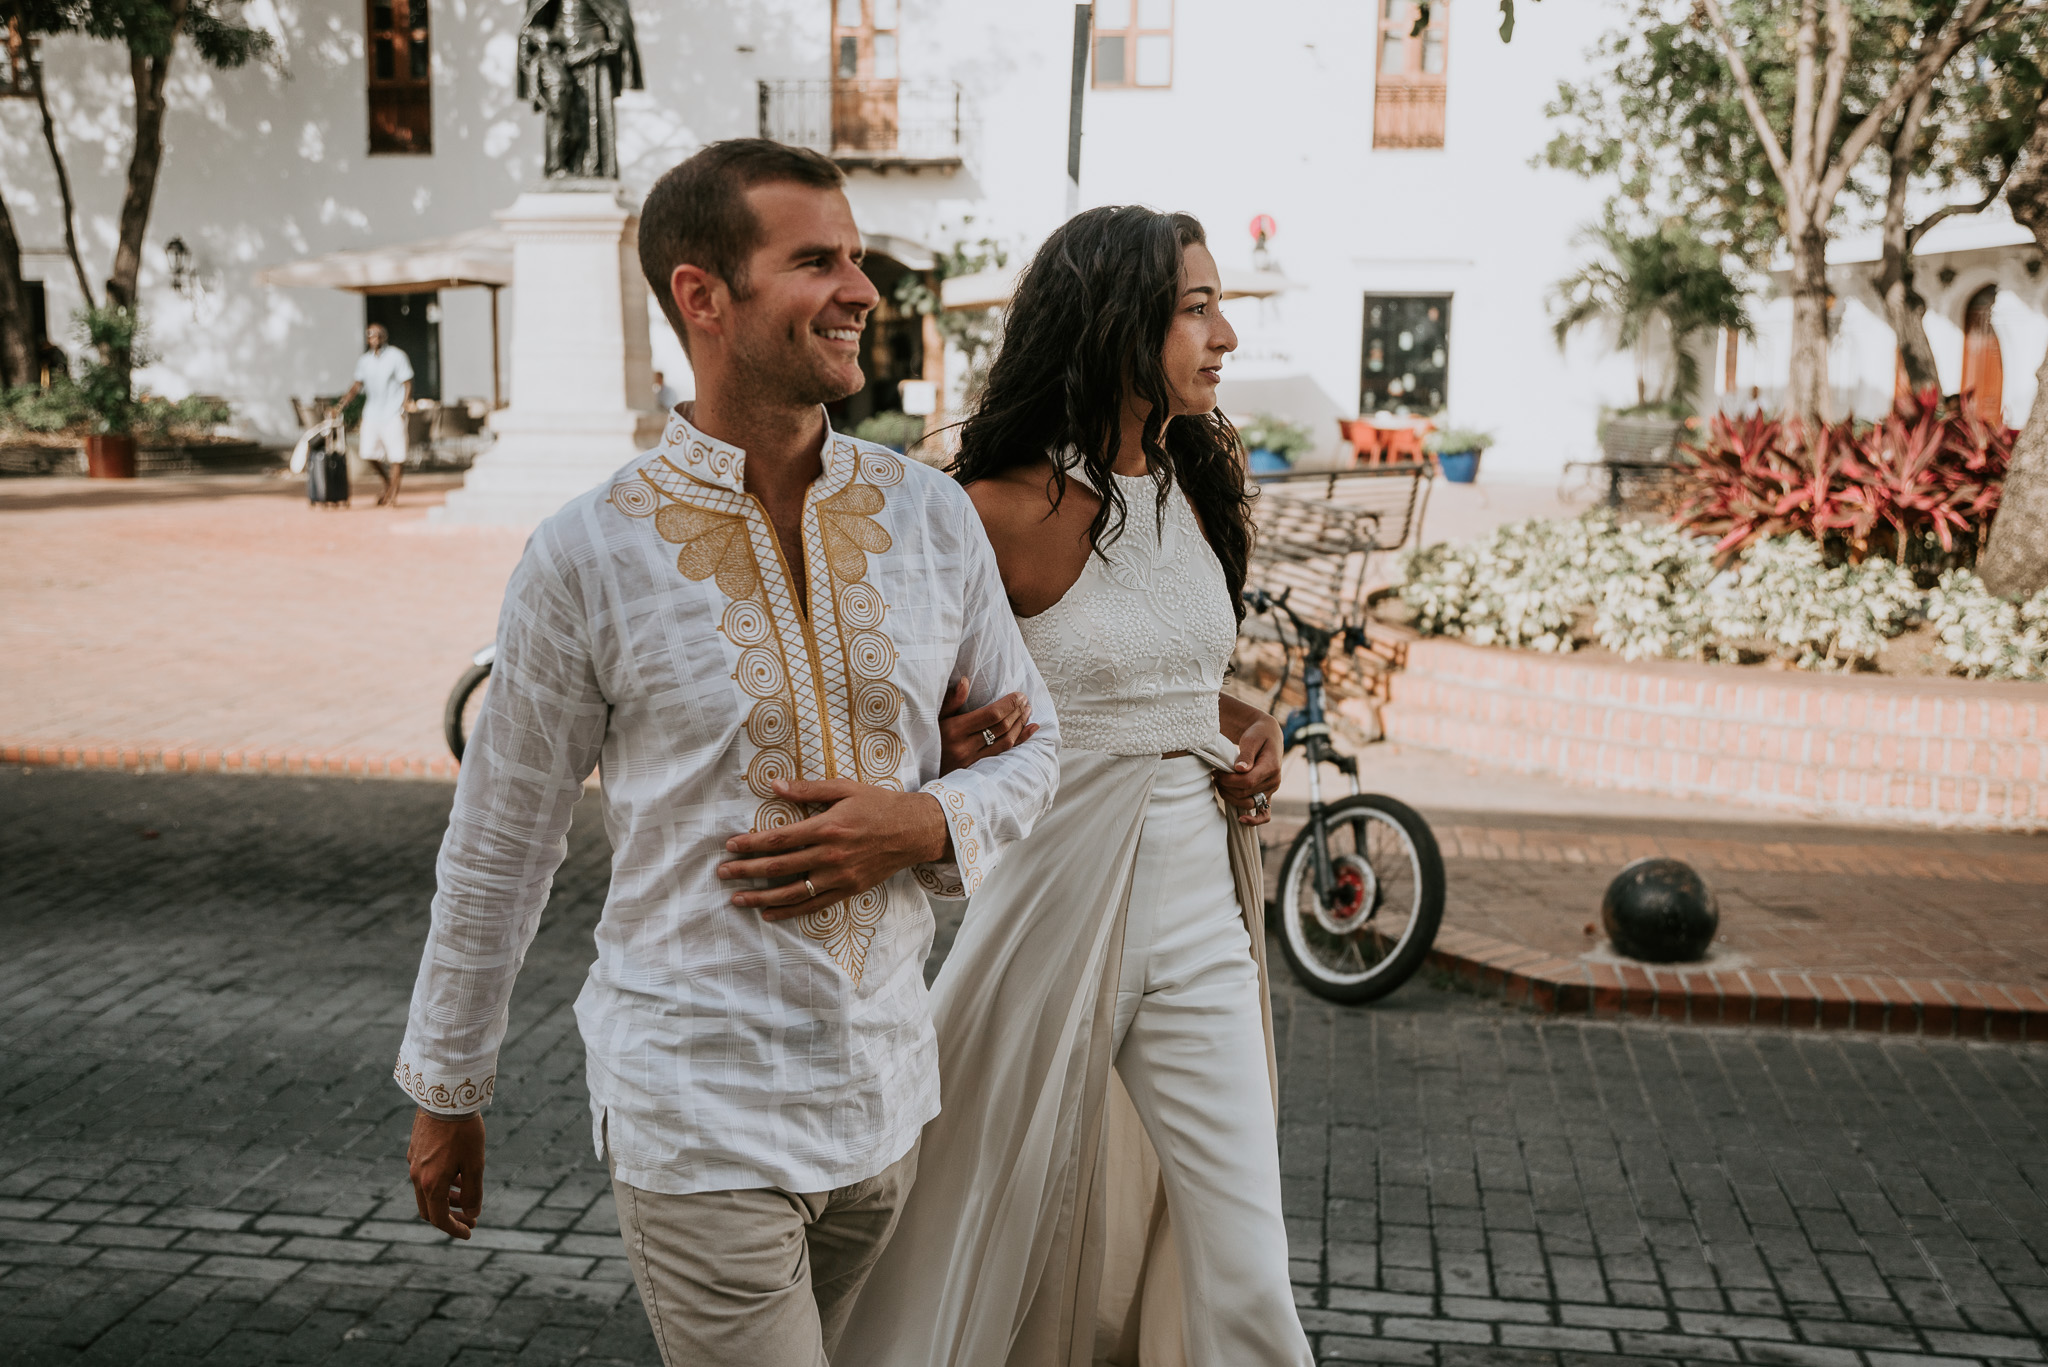 Valerie & Zack Prbeoda-2.jpg